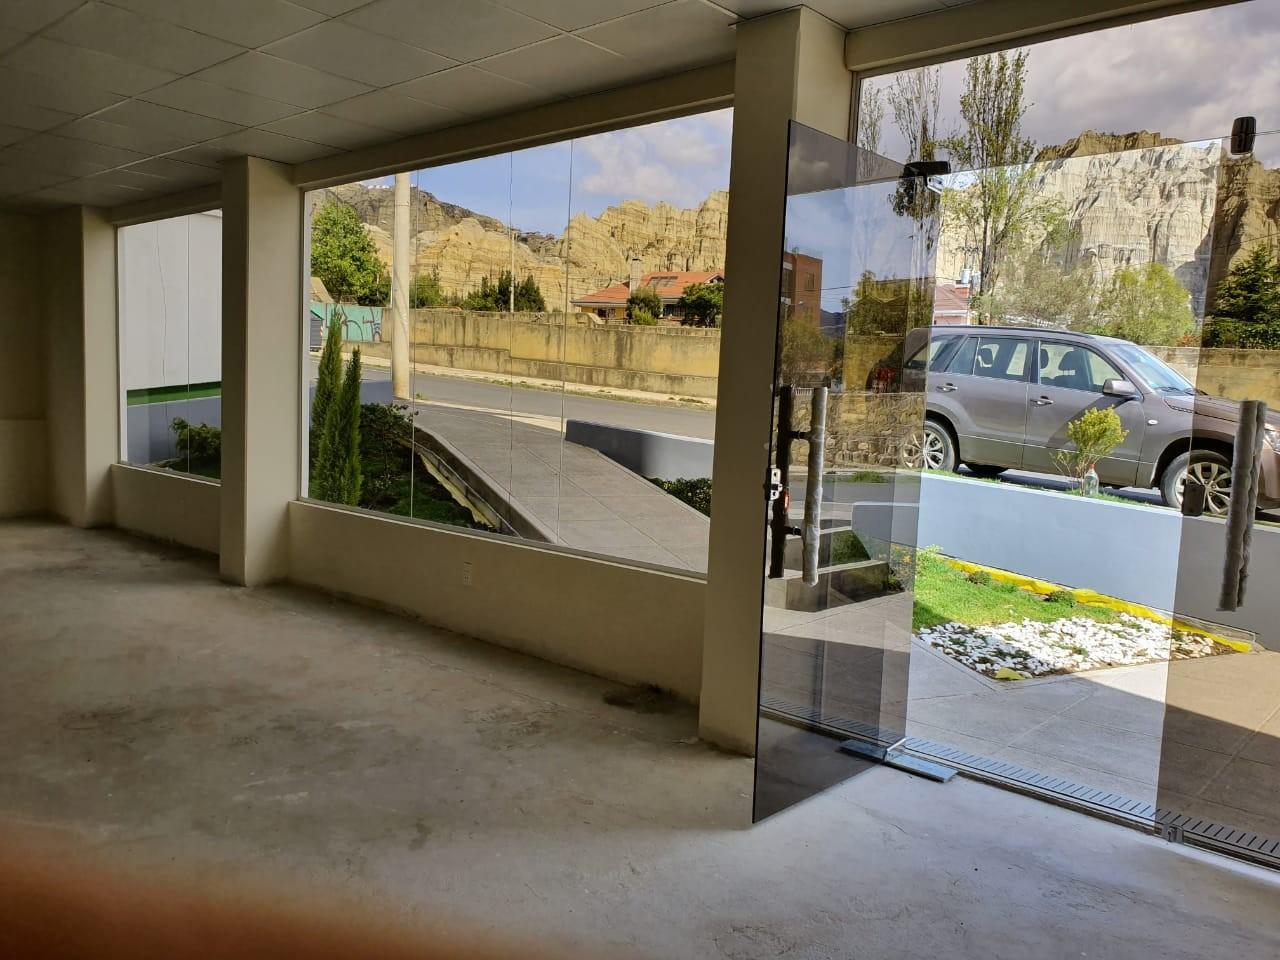 Oficina en Venta Av. Costanera, entre calles 25 y 26 Foto 9